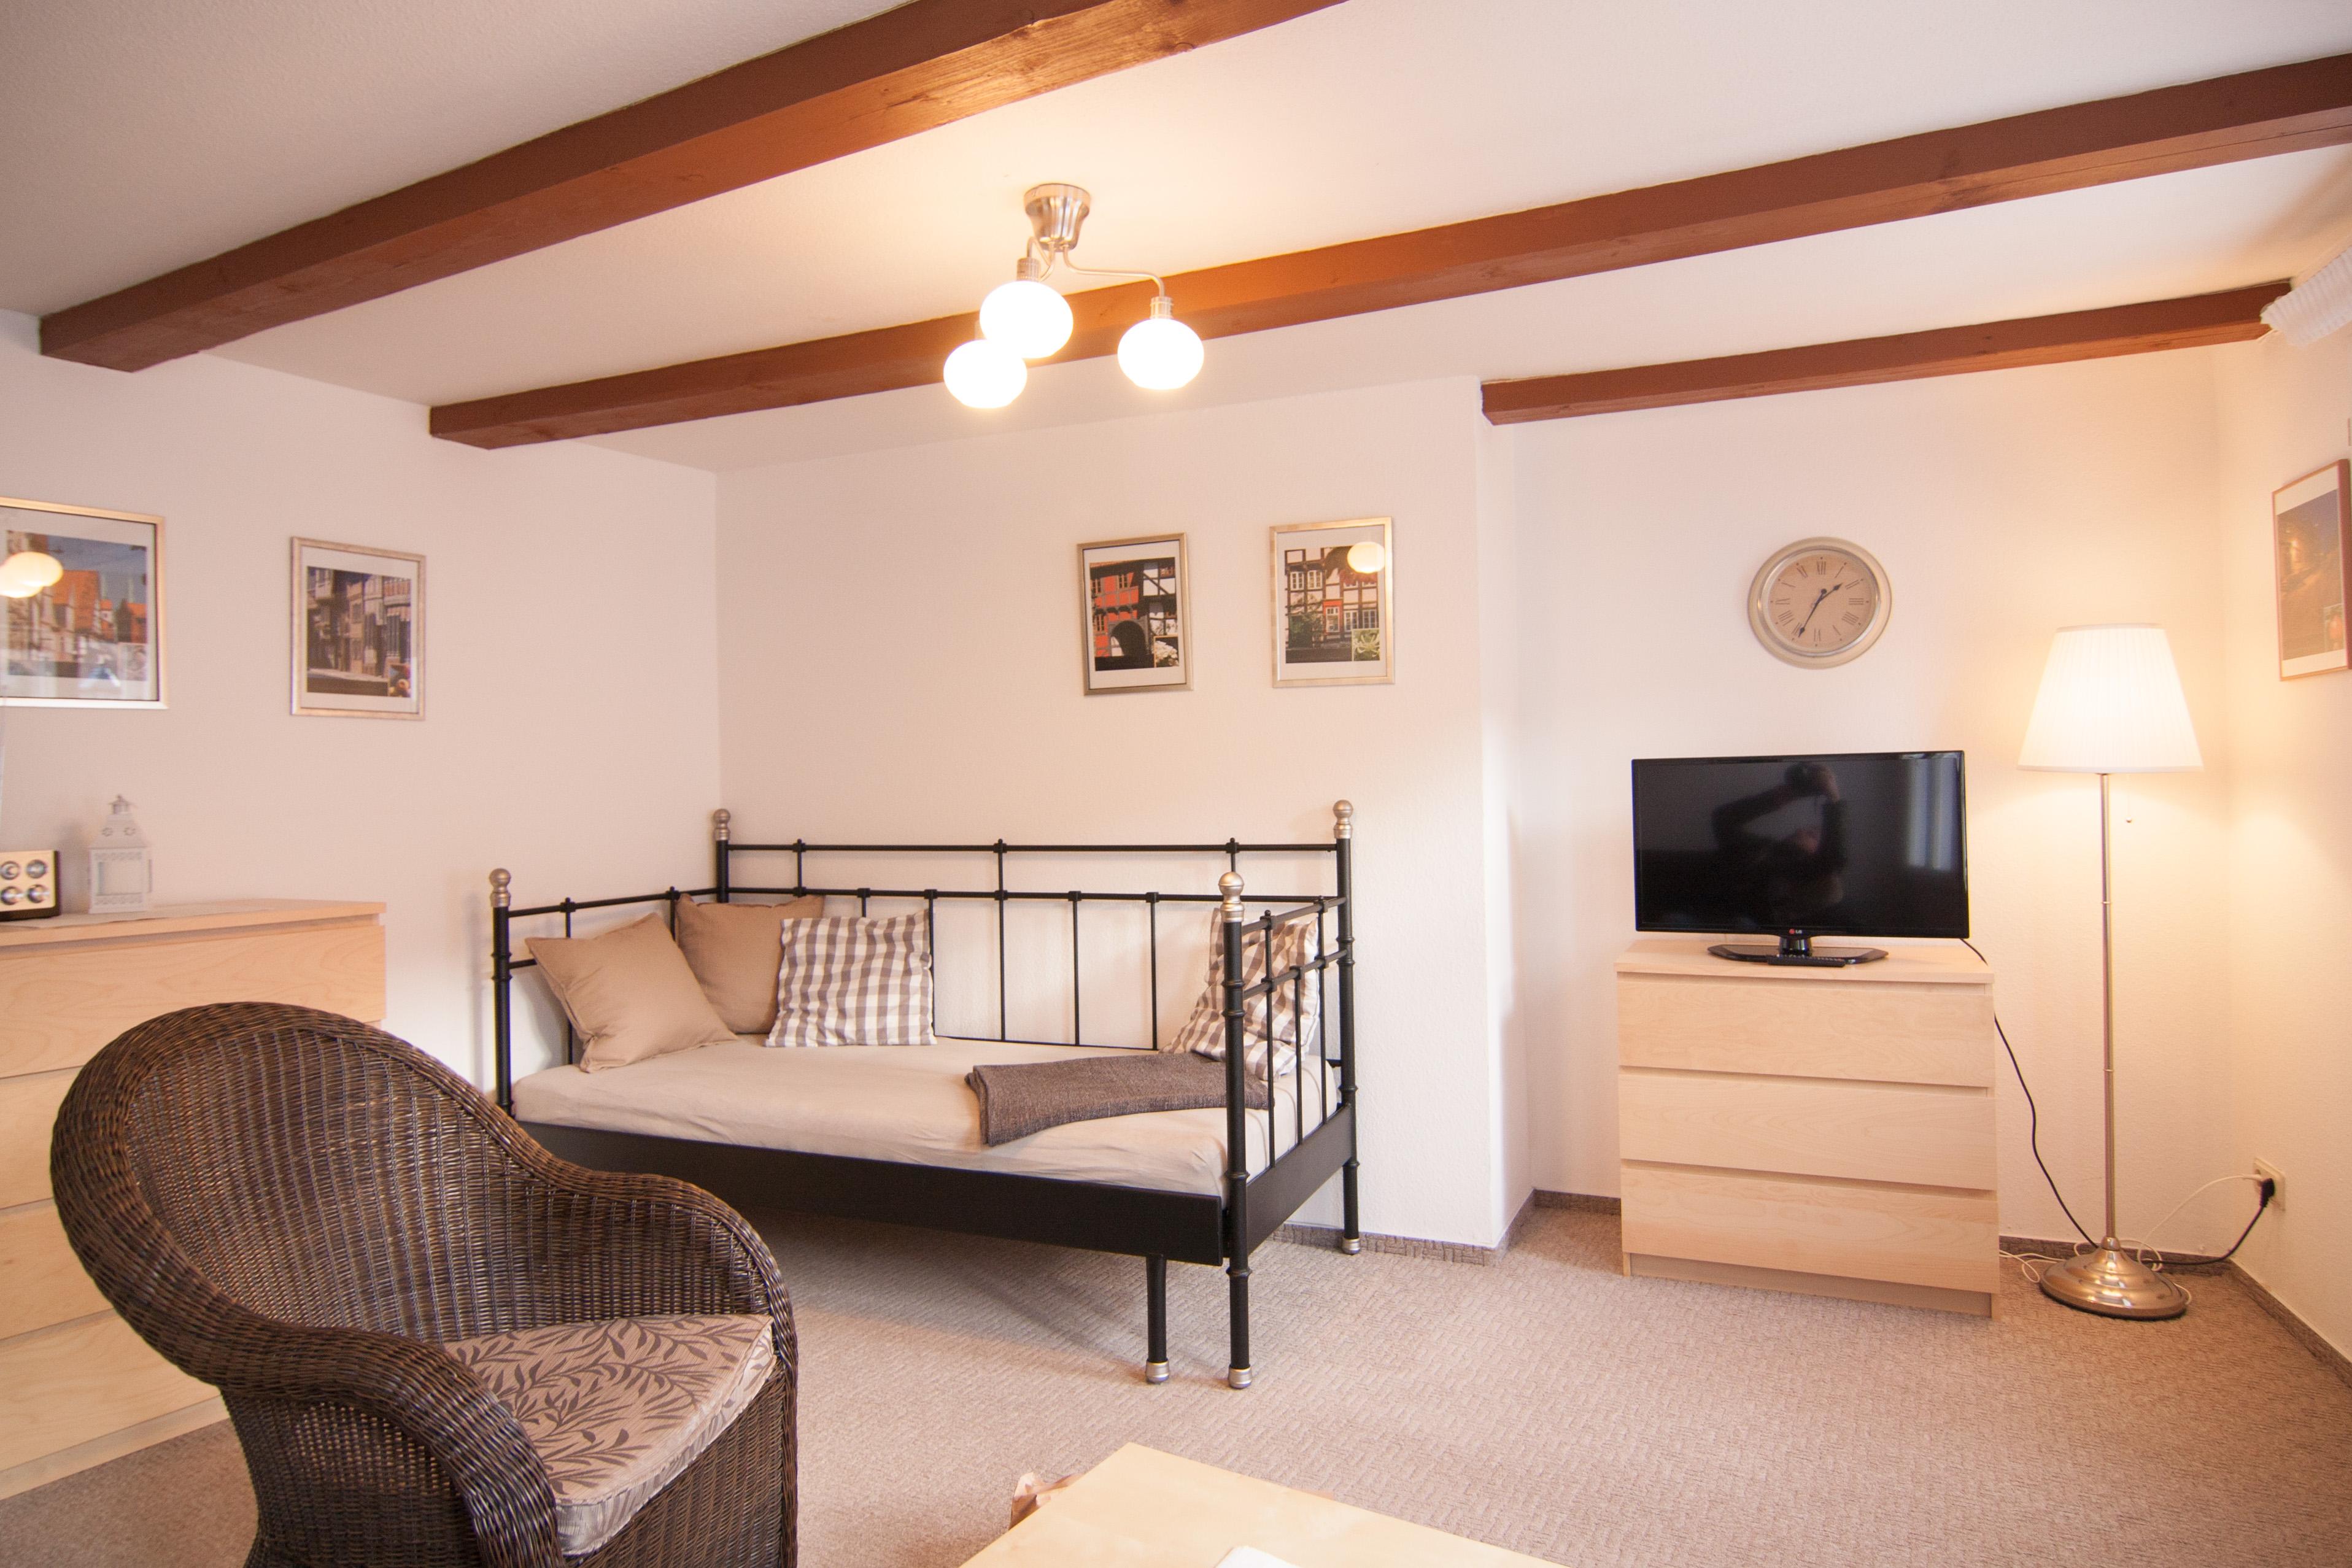 kleine ferienwohnung im erdgeschoss kleine terrasse vor der wohnung. Black Bedroom Furniture Sets. Home Design Ideas